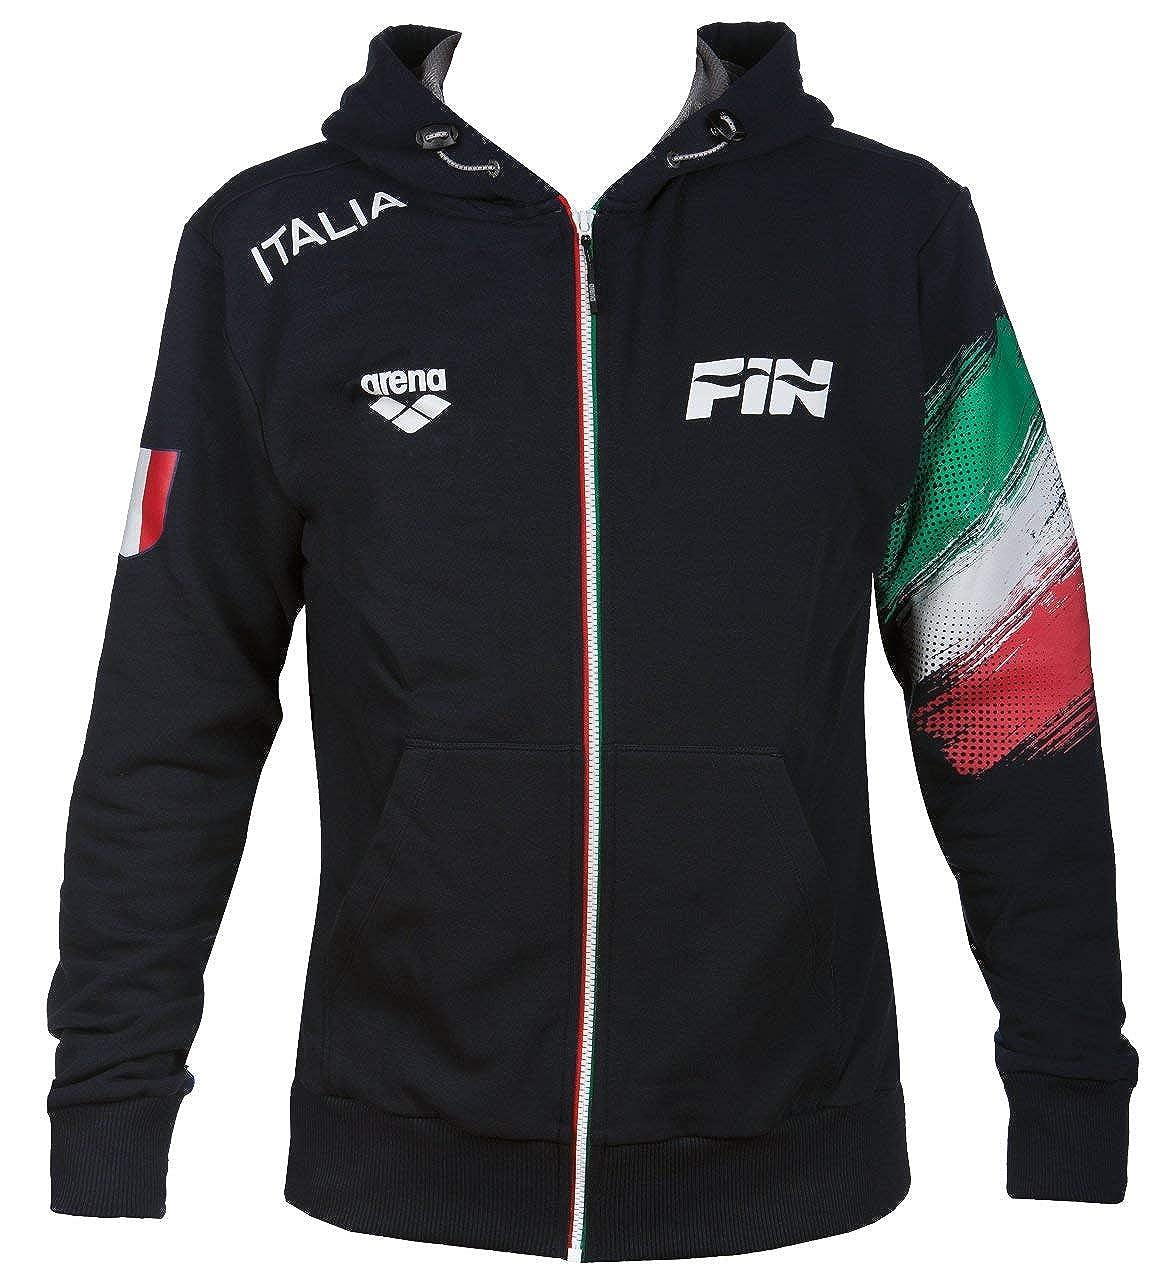 Felpa Unisex Adulto Arena Italy Hooded XS Navy//Royal Fin